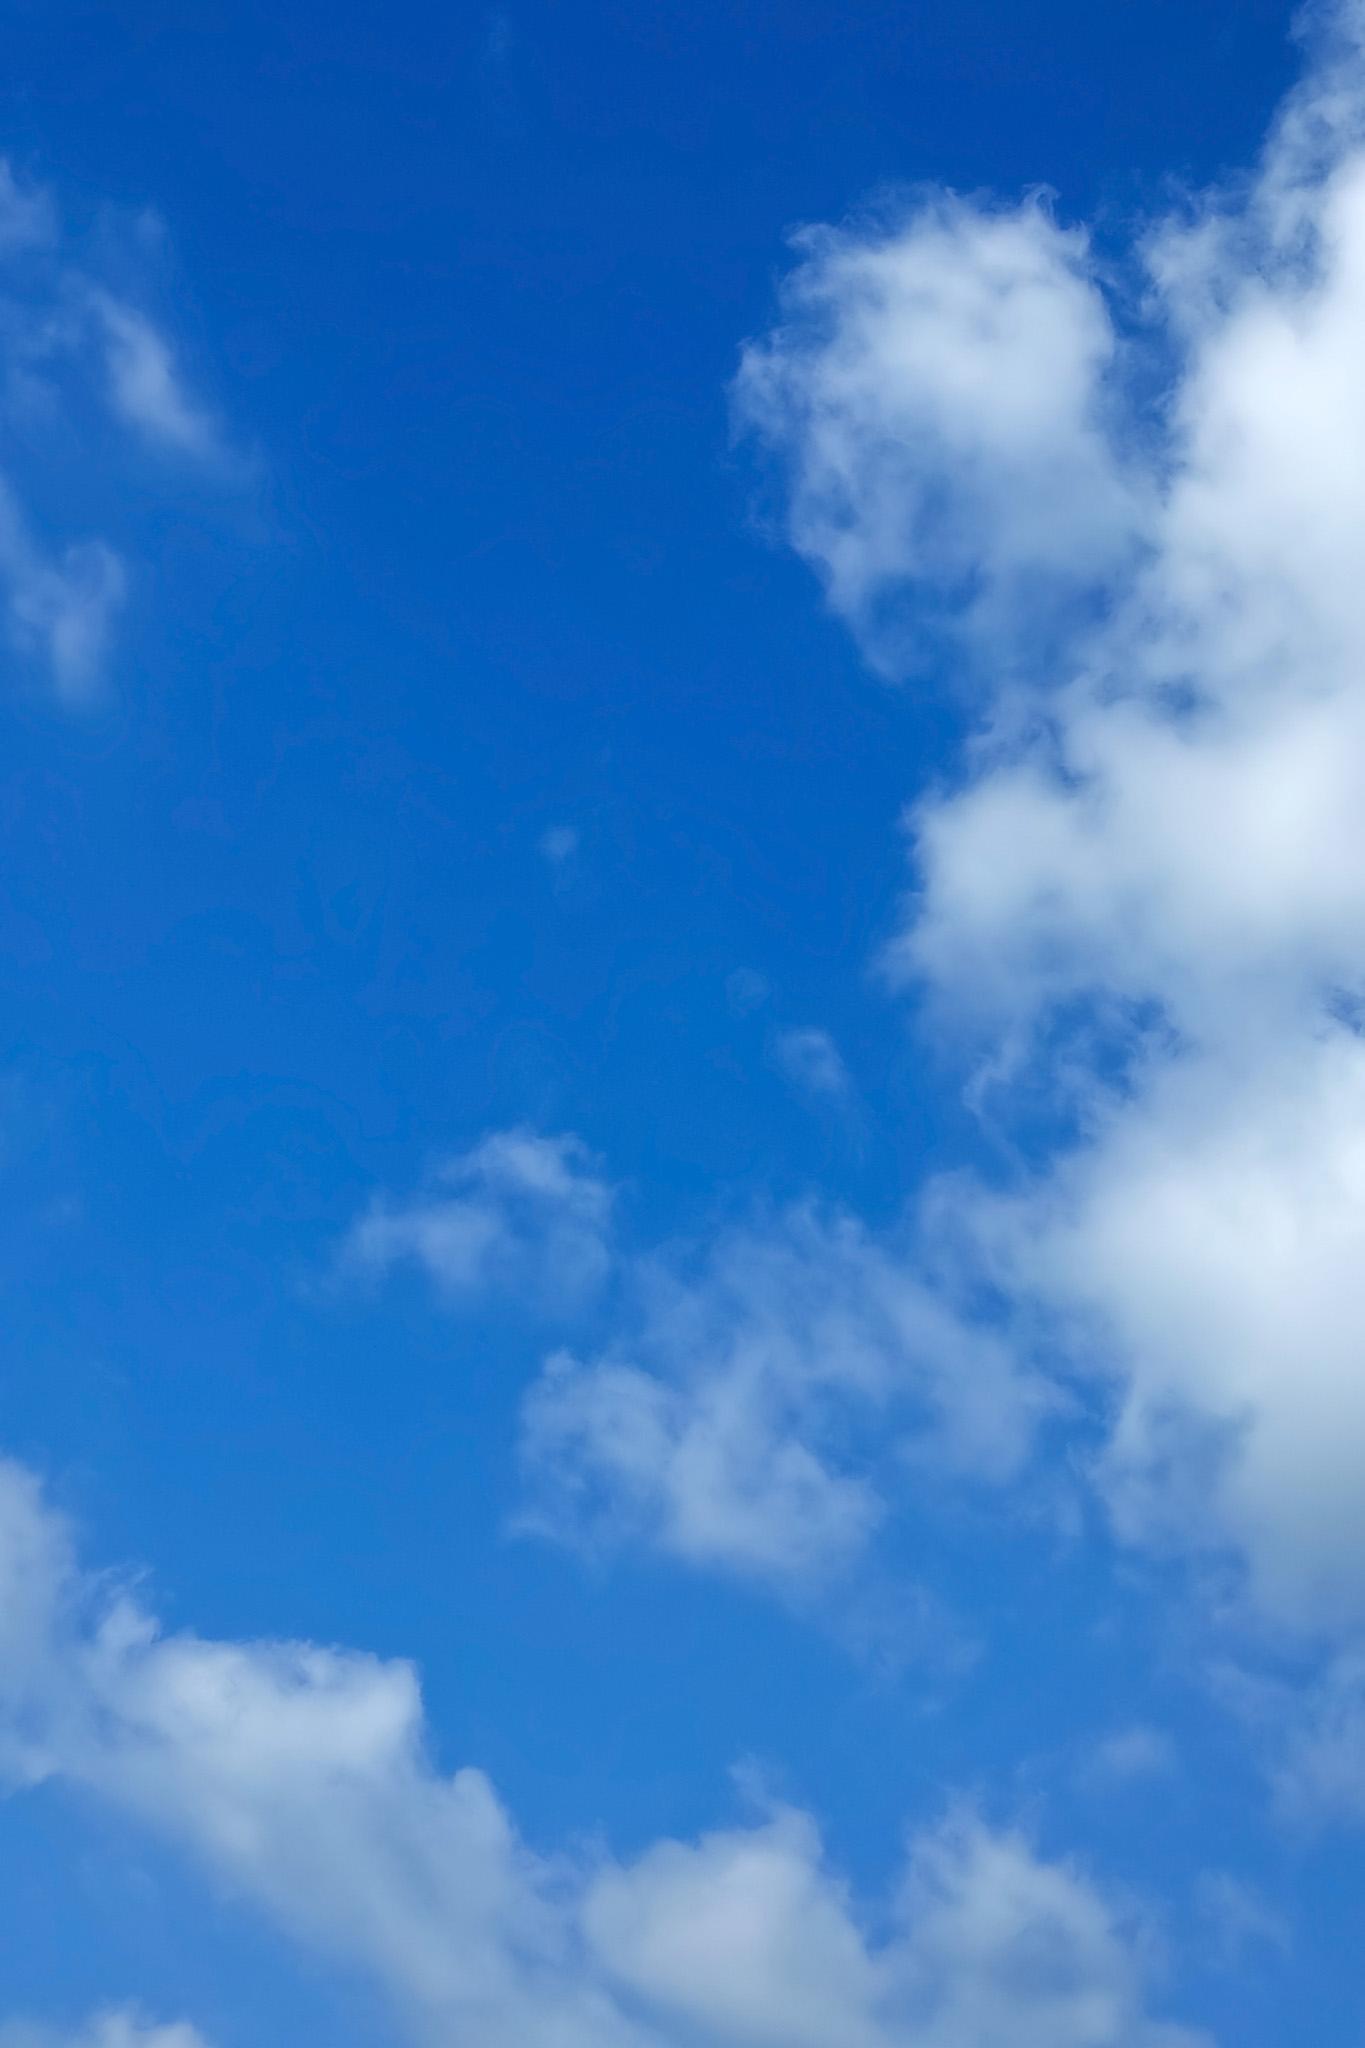 「綿菓子のような雲と大きな青空」の画像を無料ダウンロード